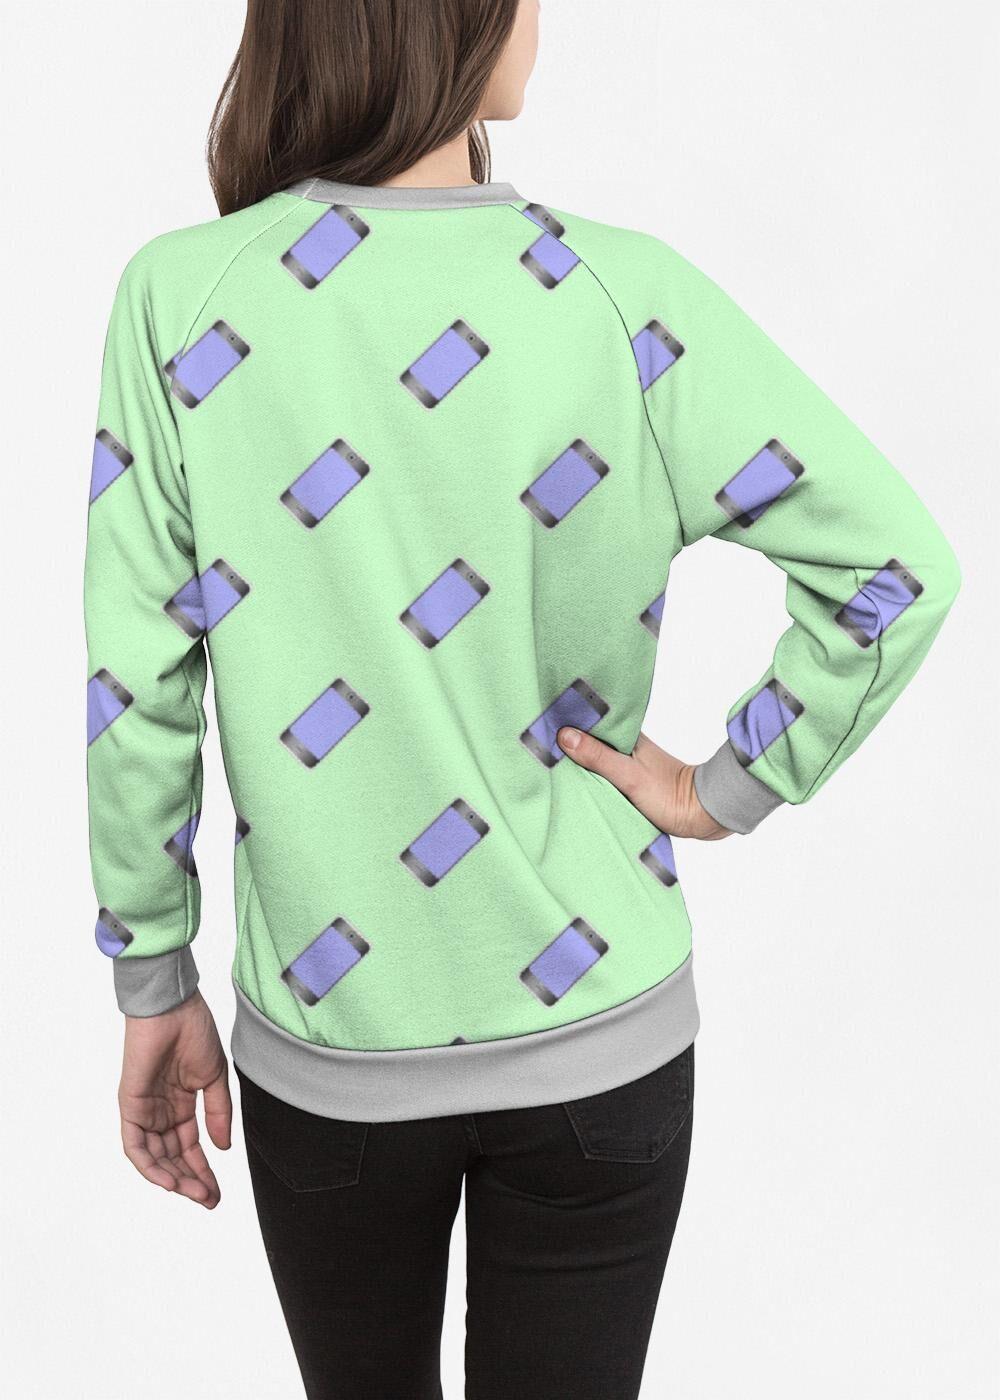 VIDA Women's Crewneck Sweatshirt - Mobile Phones On Green in Green by VIDA Original Artist  - Size: Black / 1X